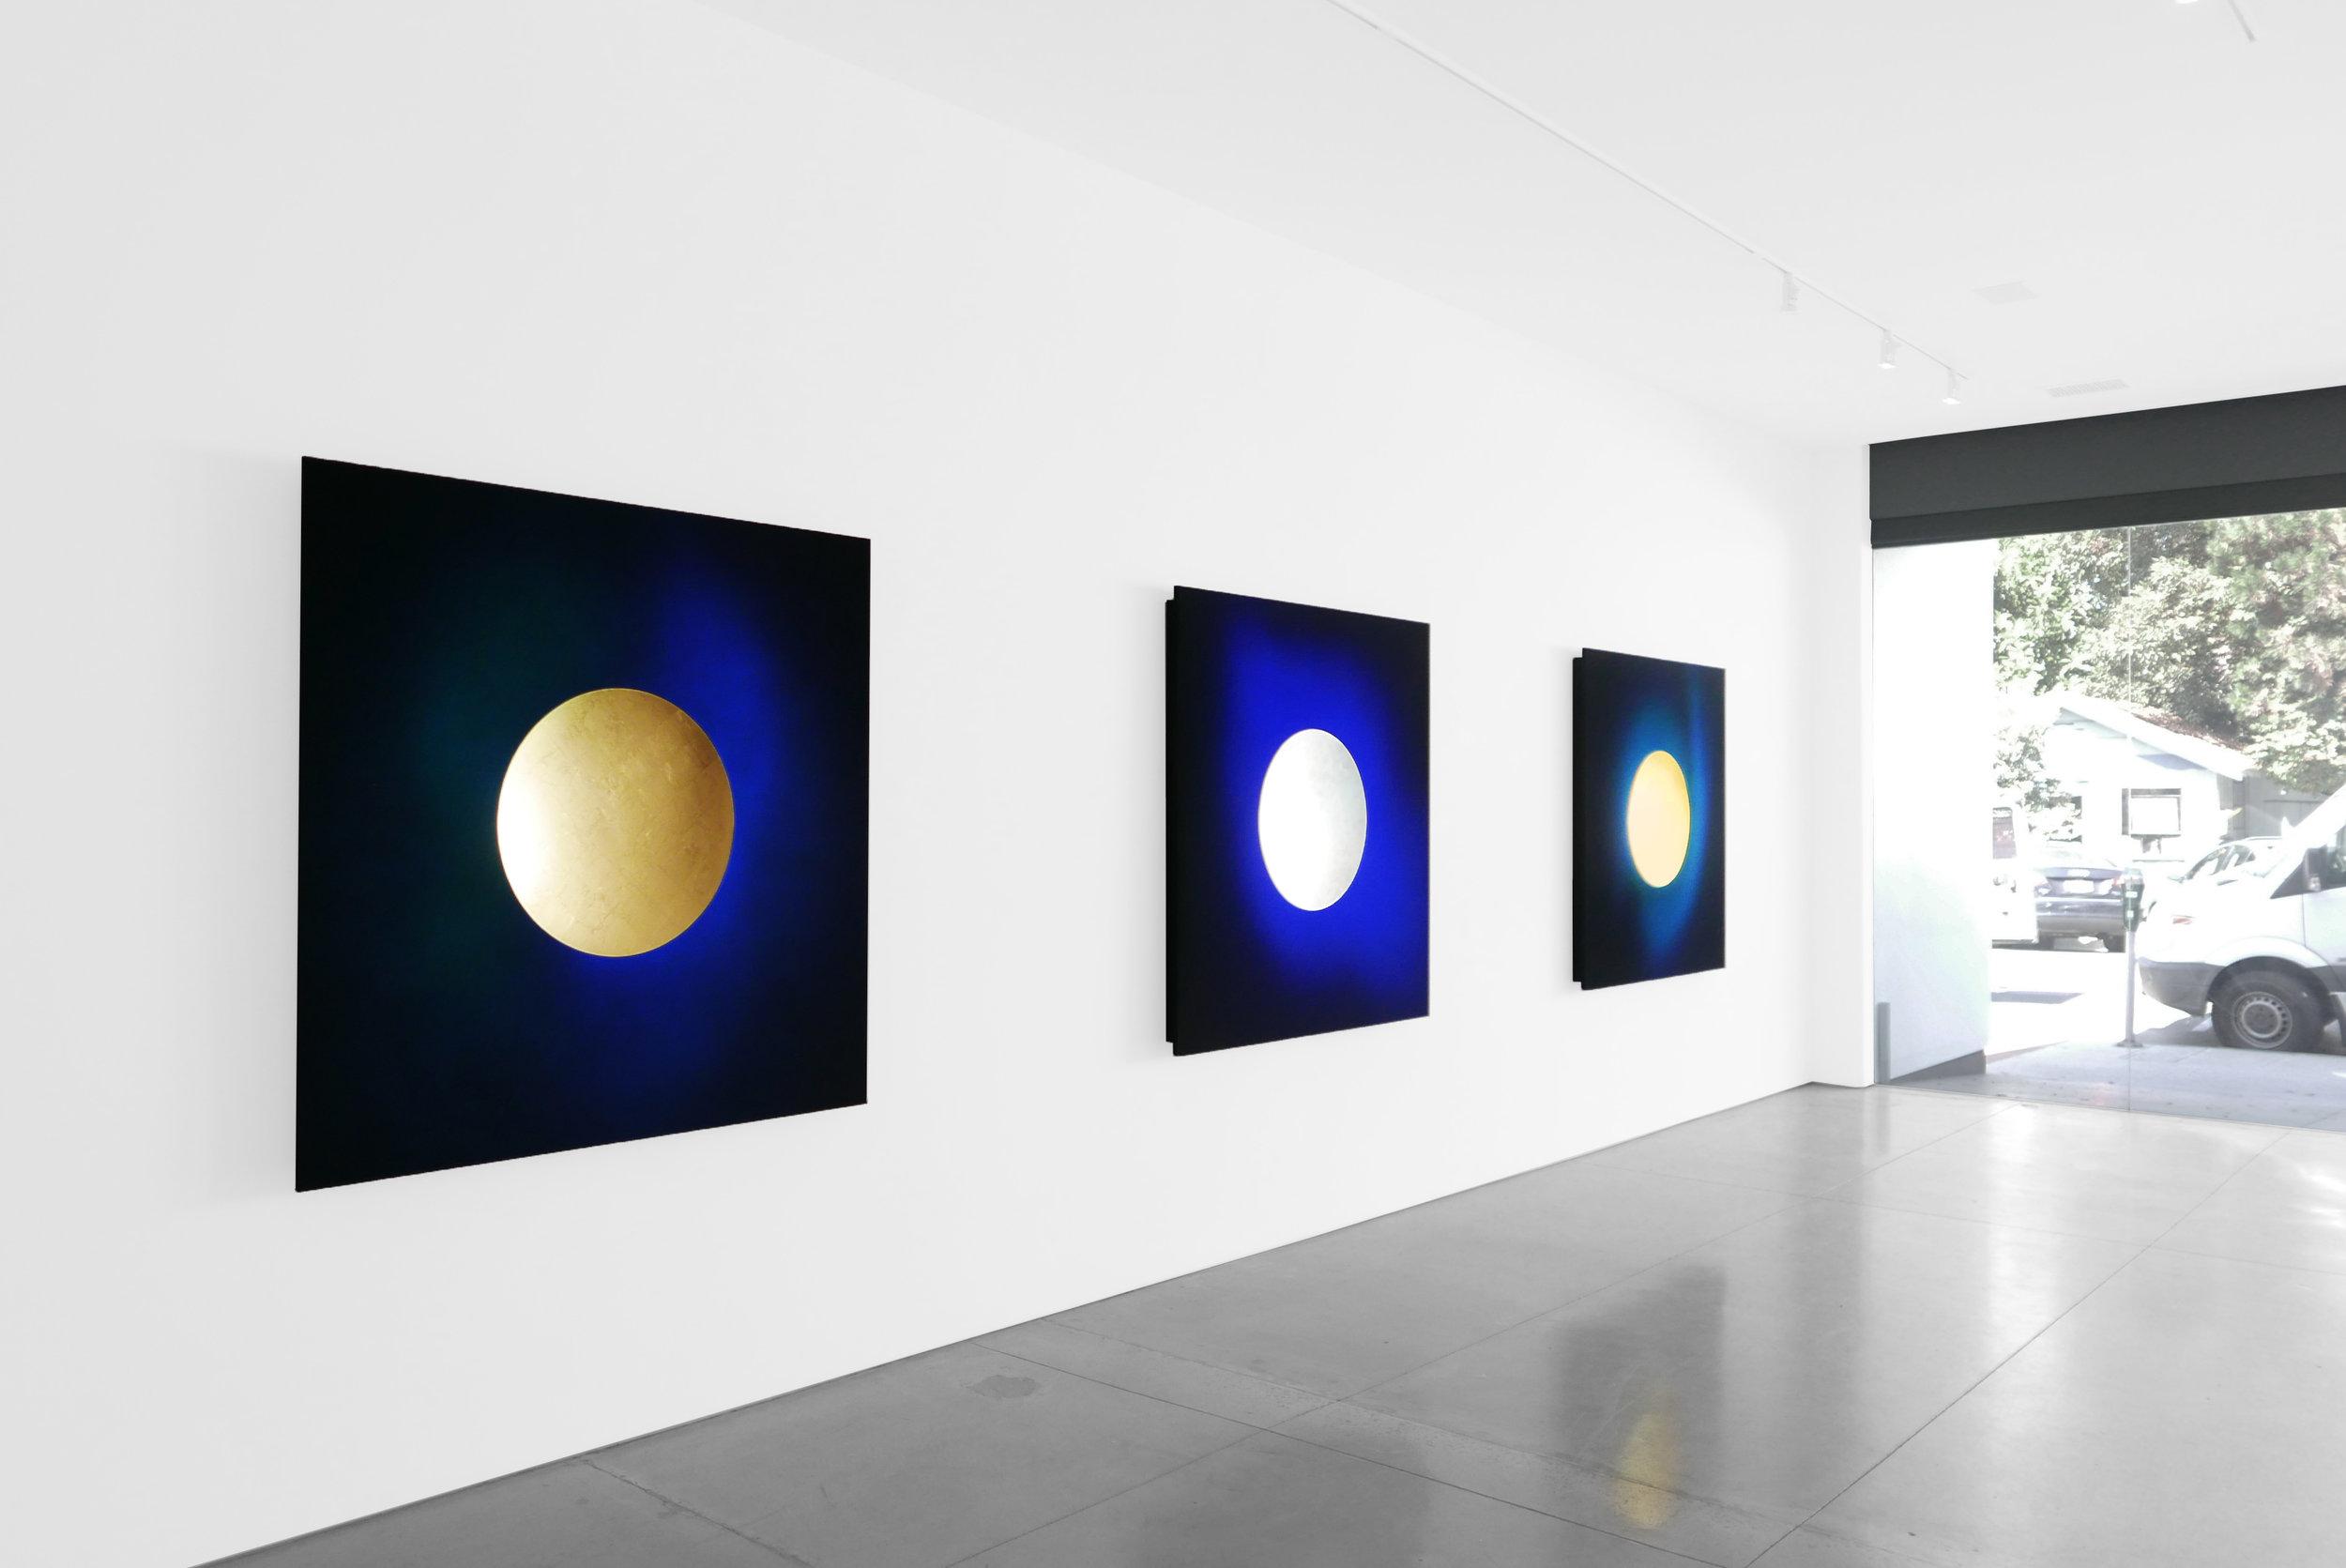 Lita Albuquerque_Solo Exhibition_2018_Installation View_5.jpg